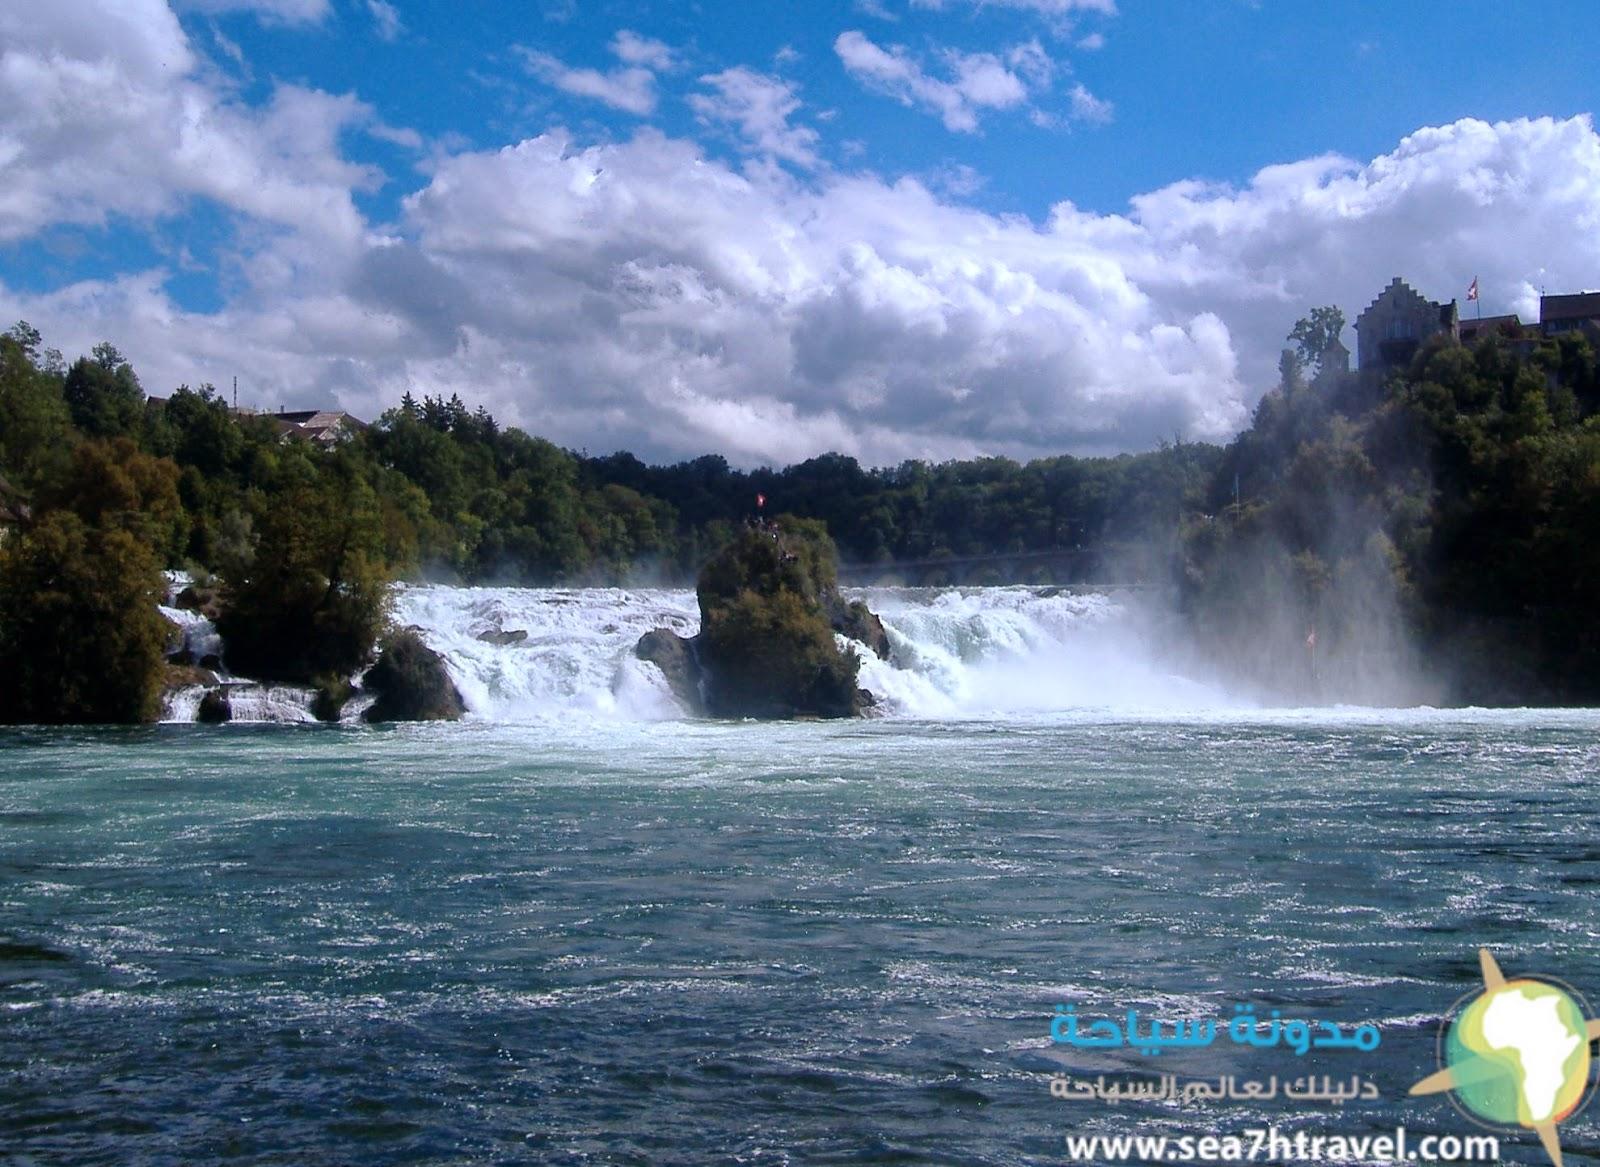 أهم المعالم السياحية فى سويسرا